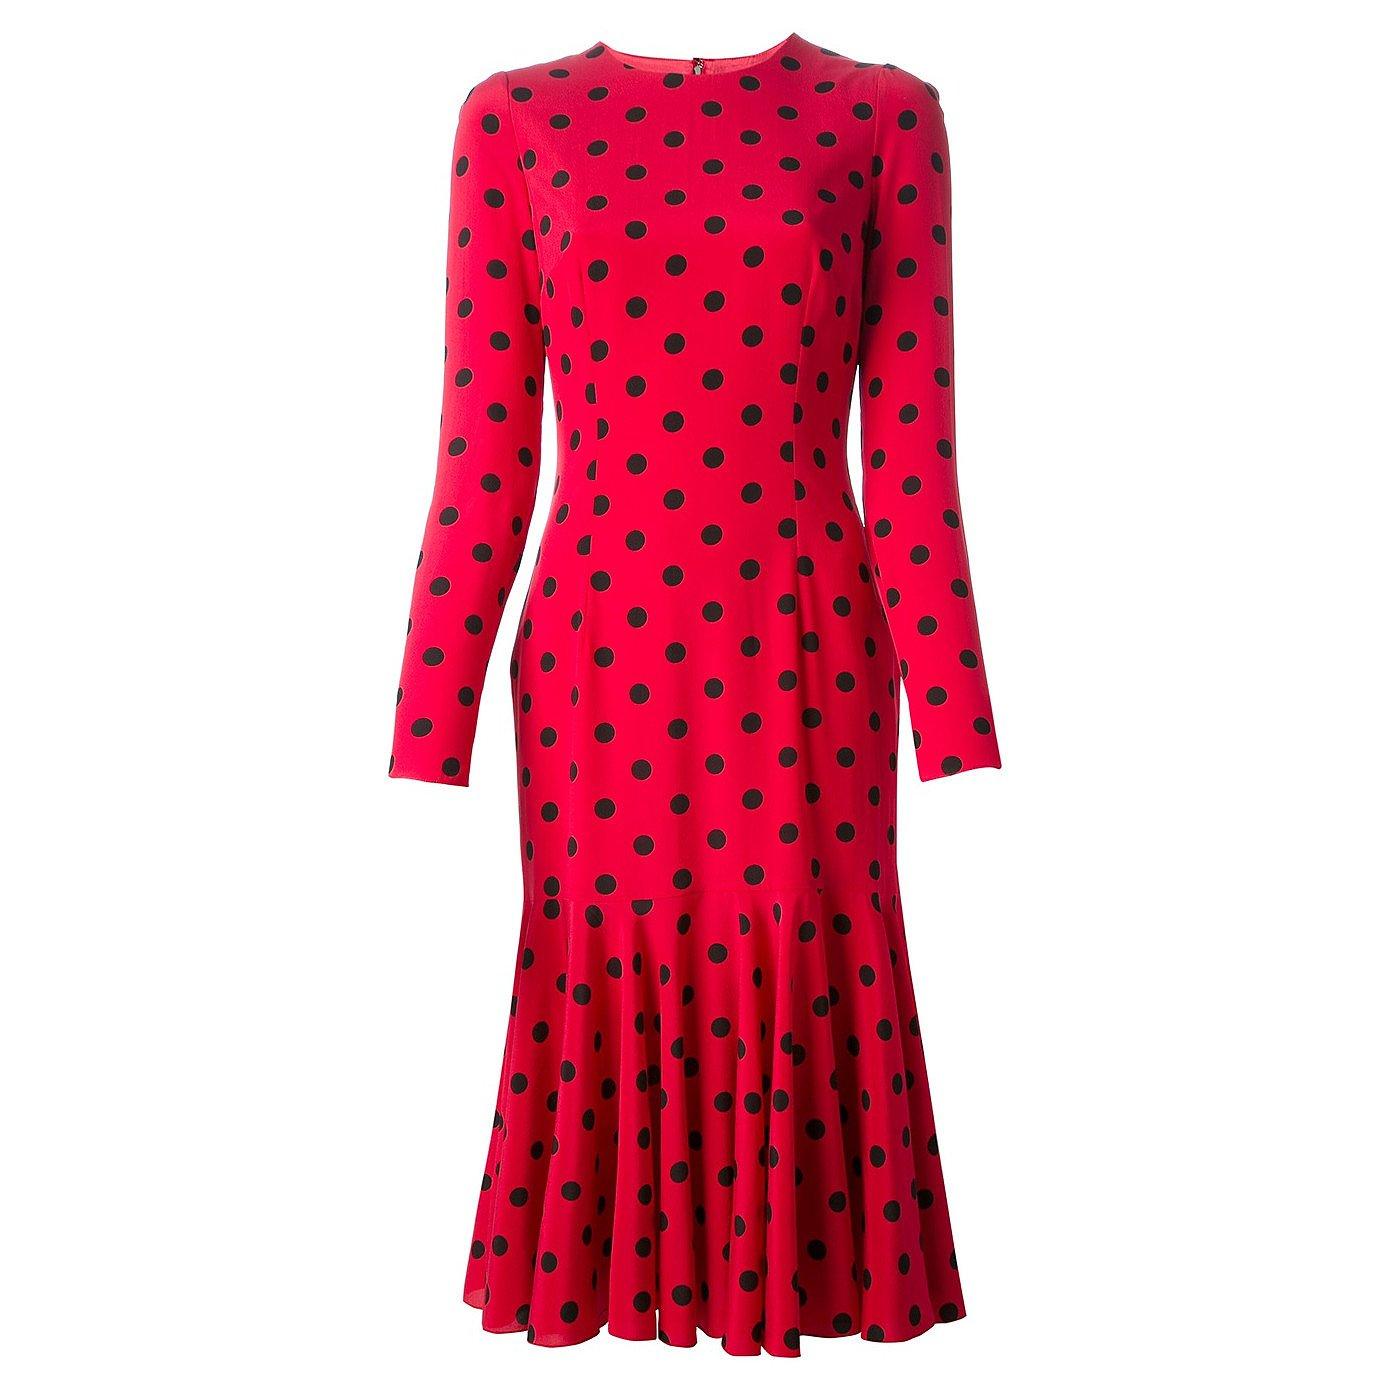 DOLCE & GABBANA Polka Dot Ruffle-Hem Dress